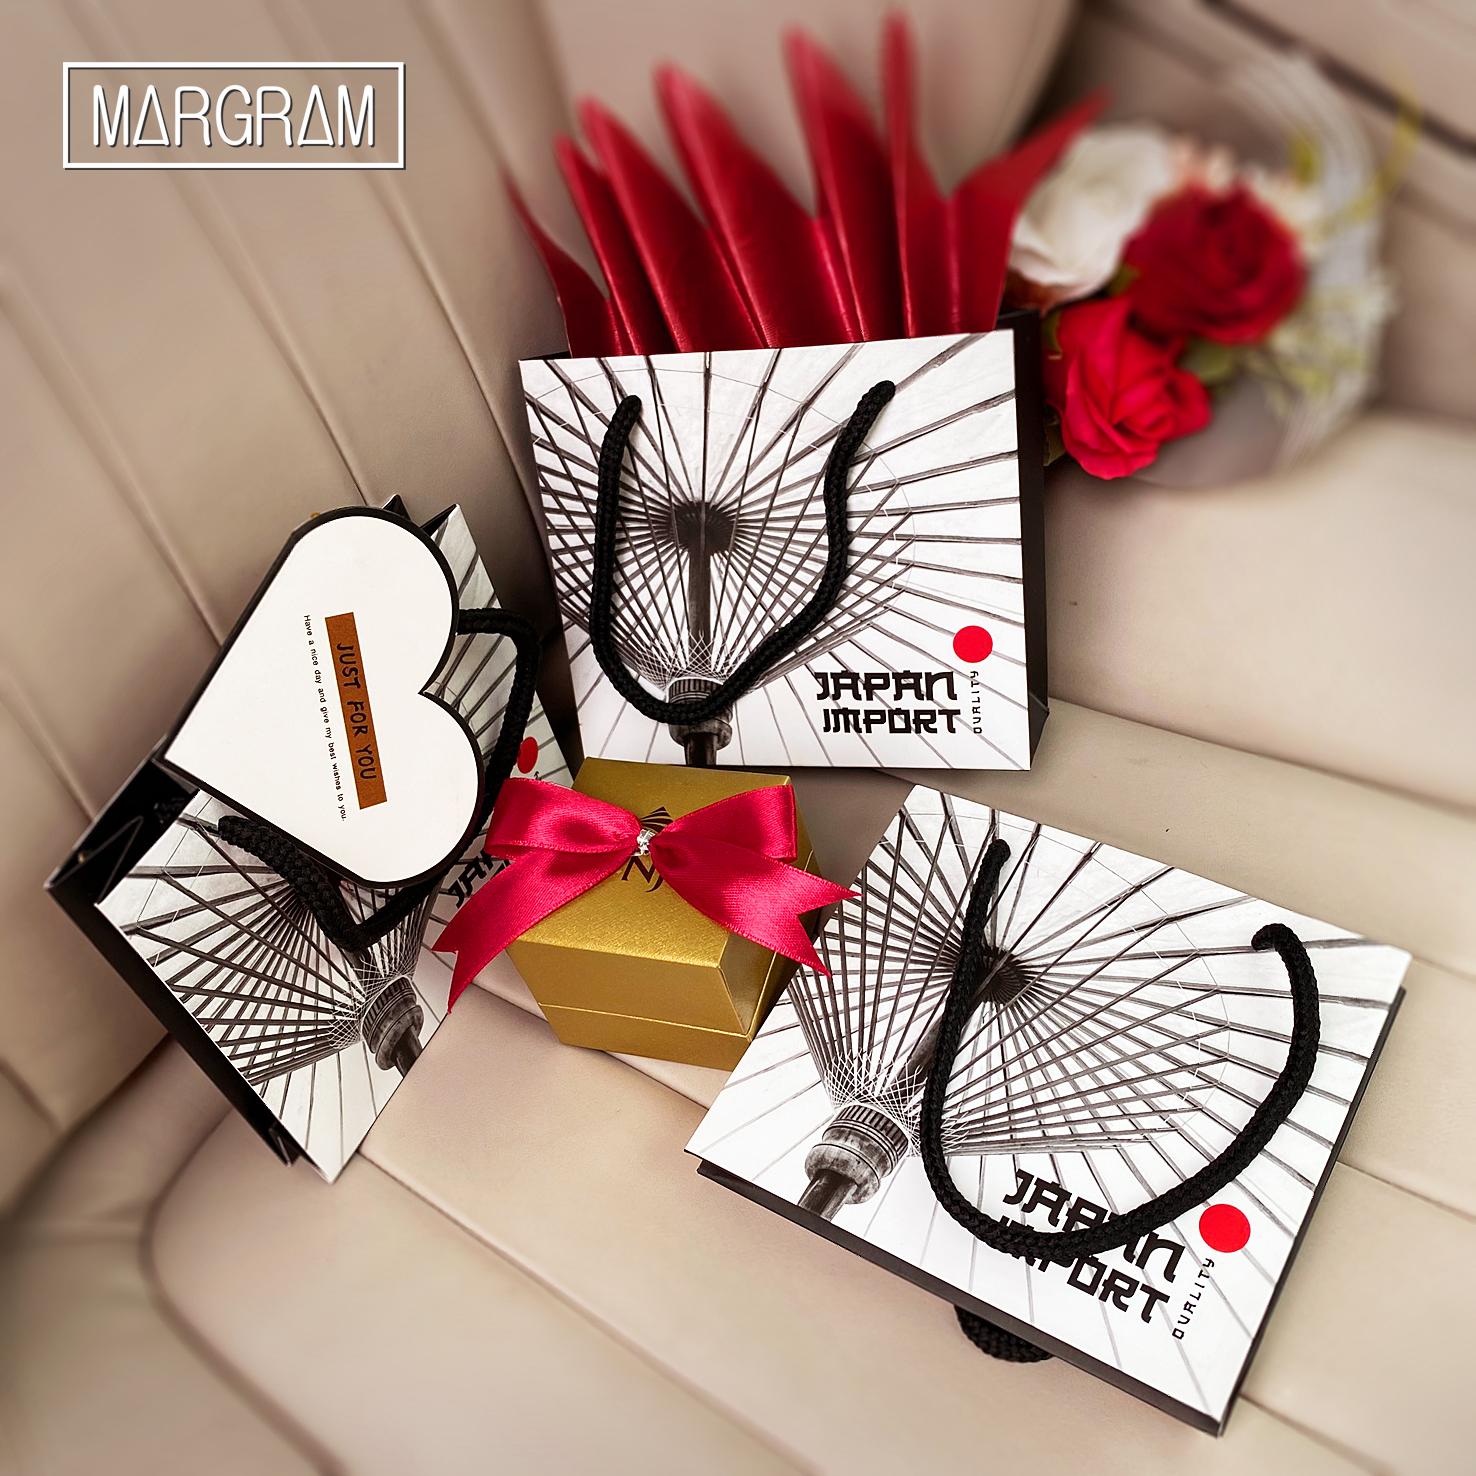 tui-valentine-margram-10